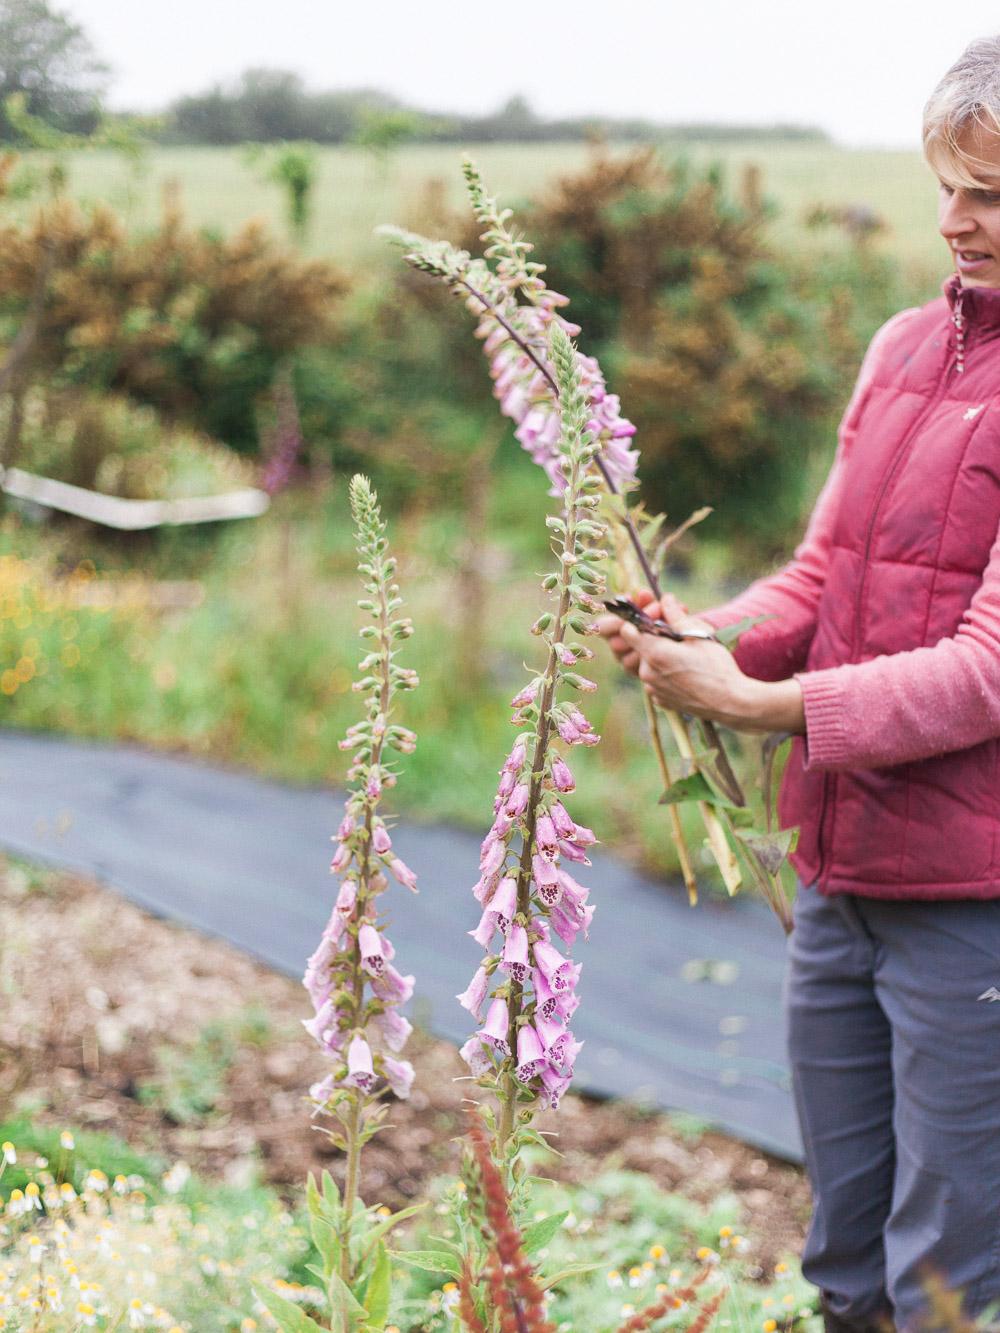 imogen xiana garden gate flower company-14.jpg